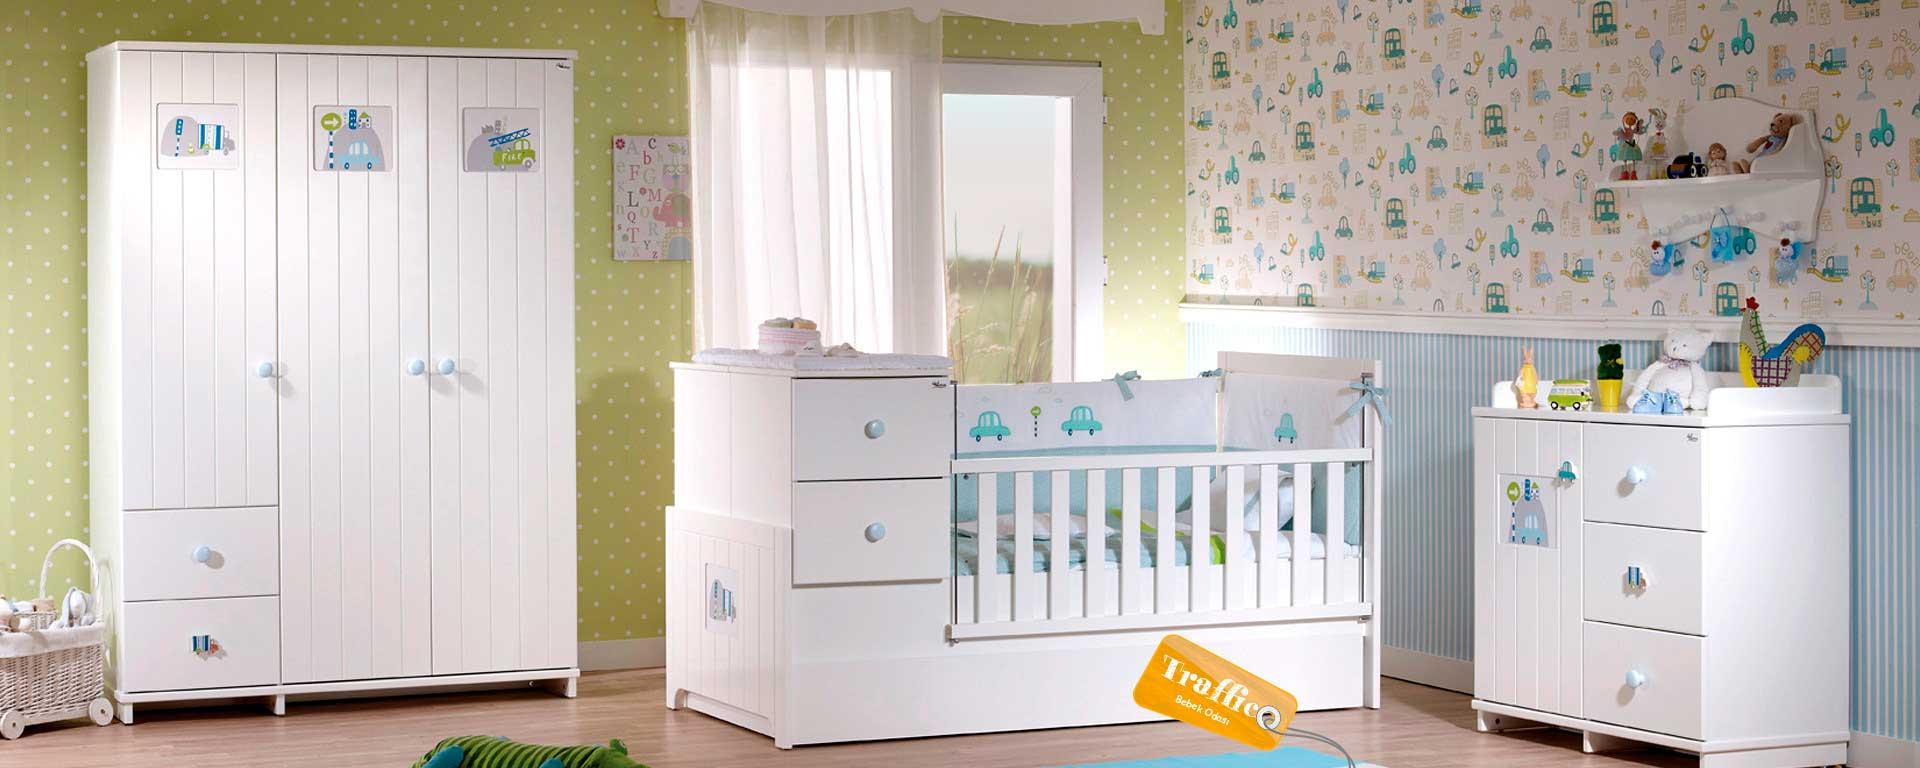 Евроремонт детской комнаты